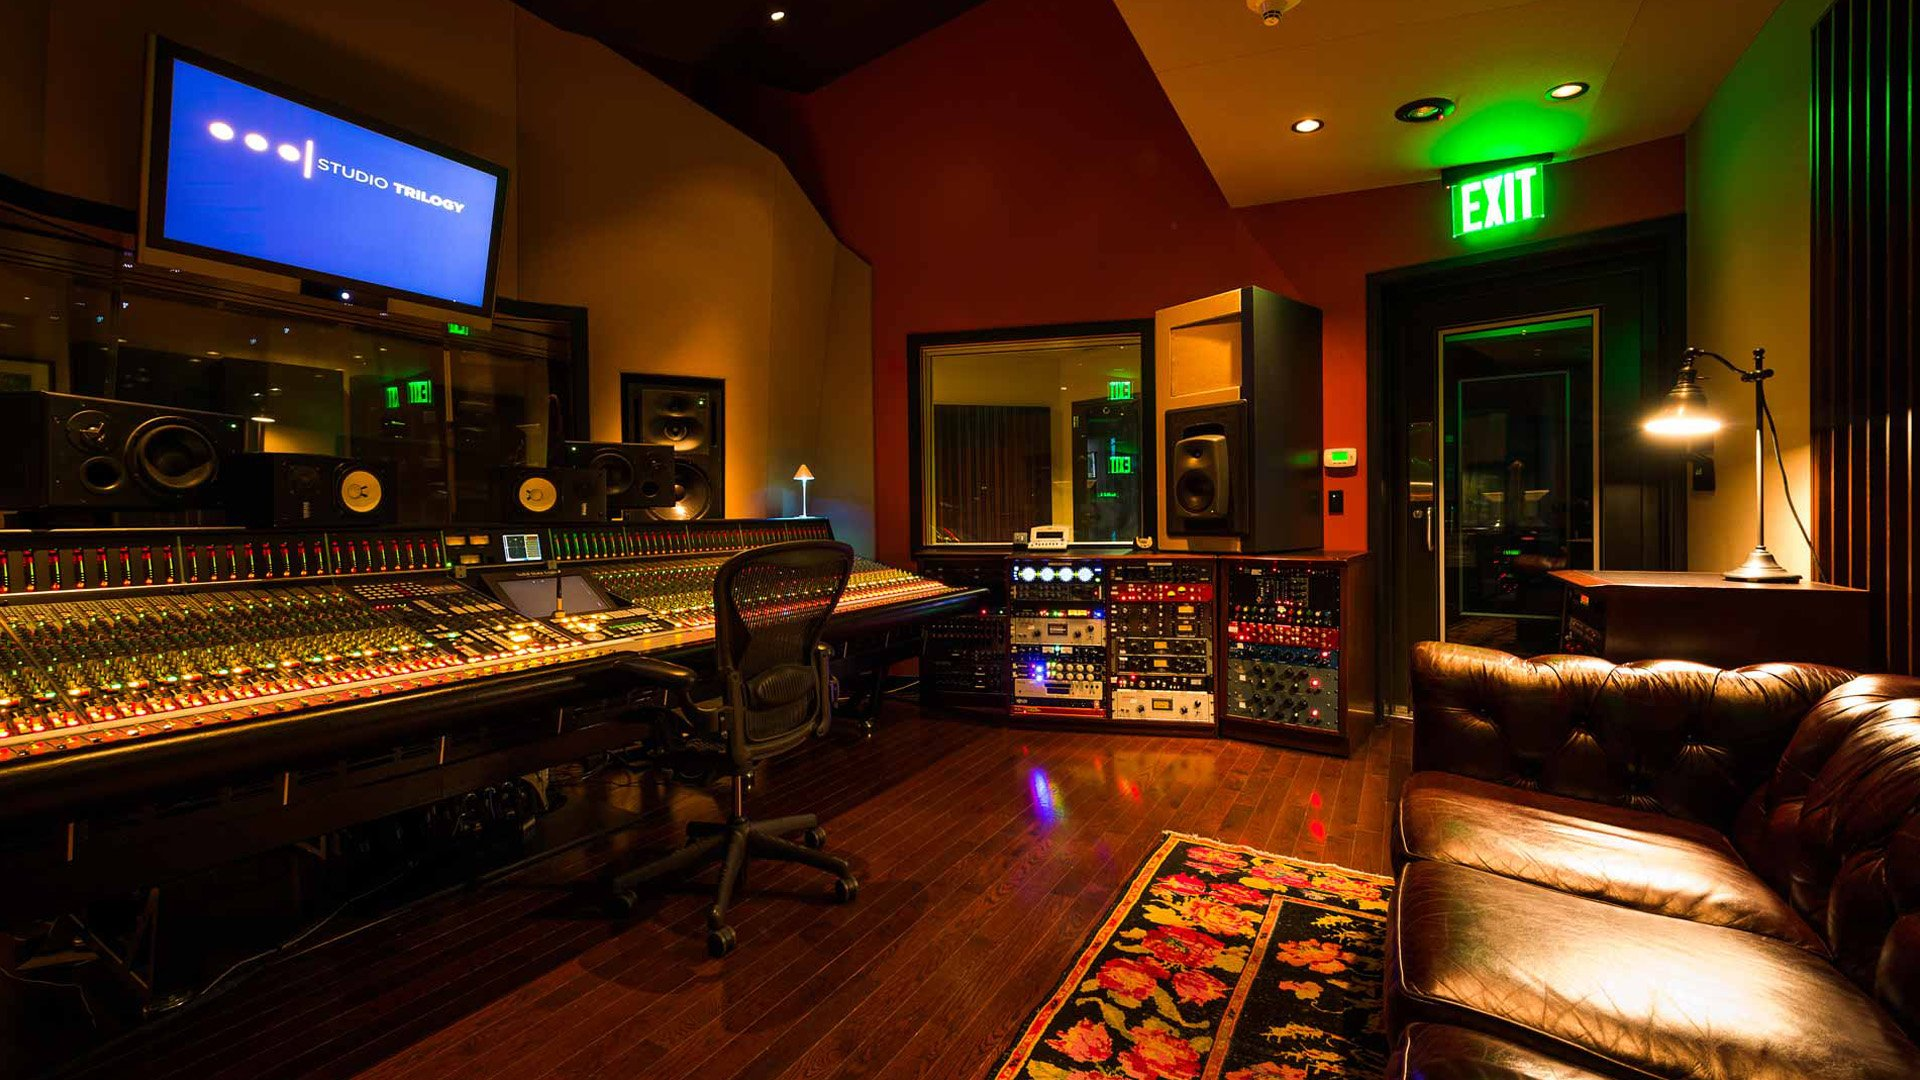 Hd Recording Studio Wallpaper Wallpapersafari